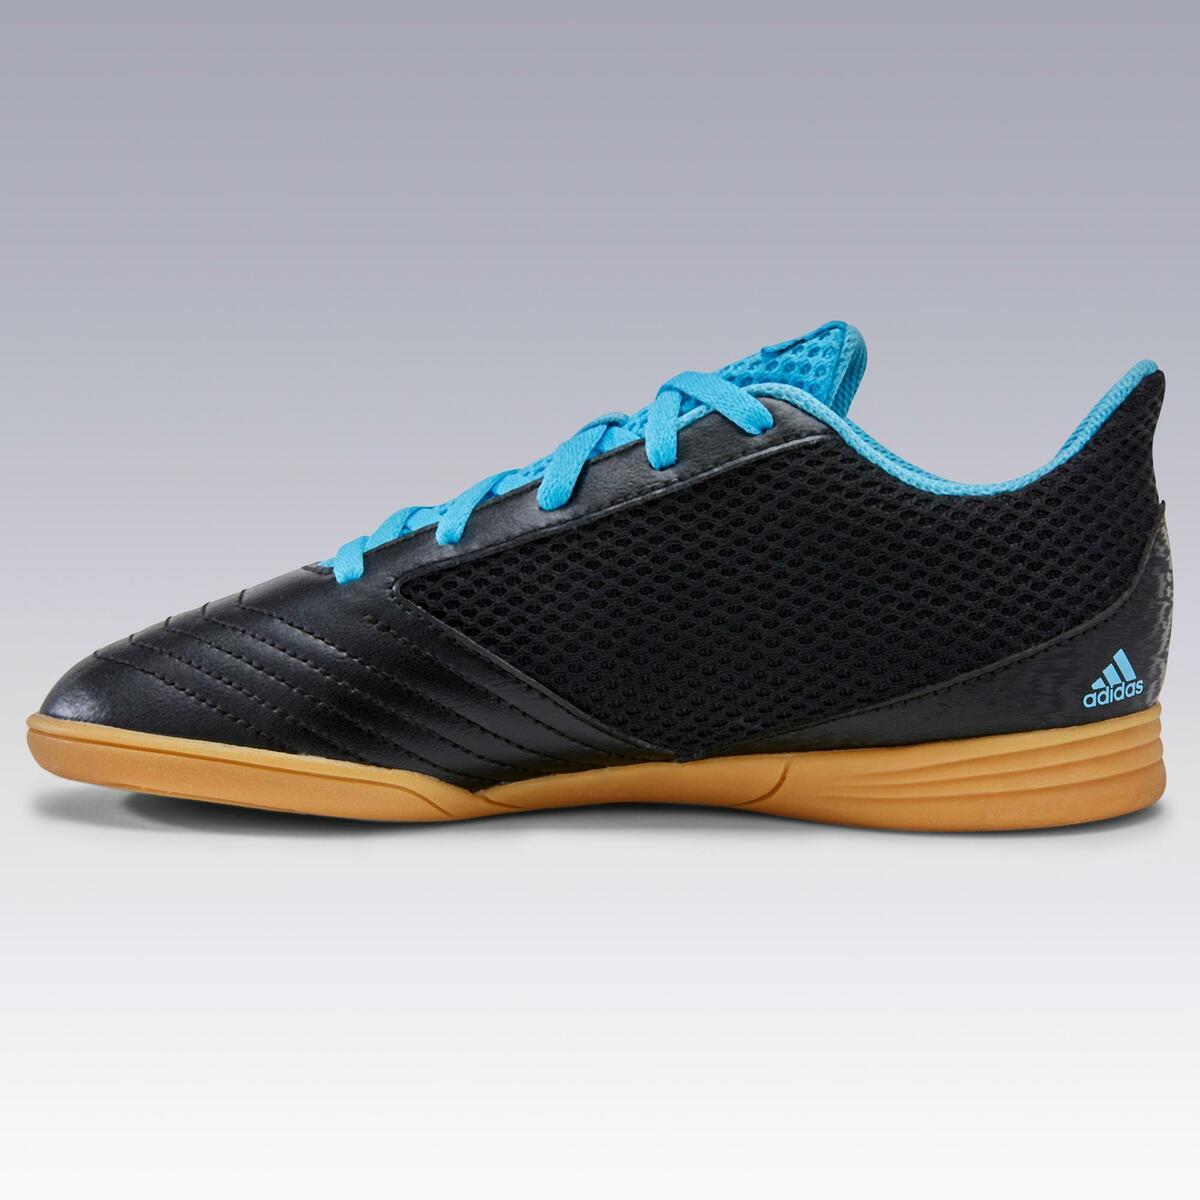 Bild 4 von Hallenschuhe Futsal Fußball Predator schwarz/blau